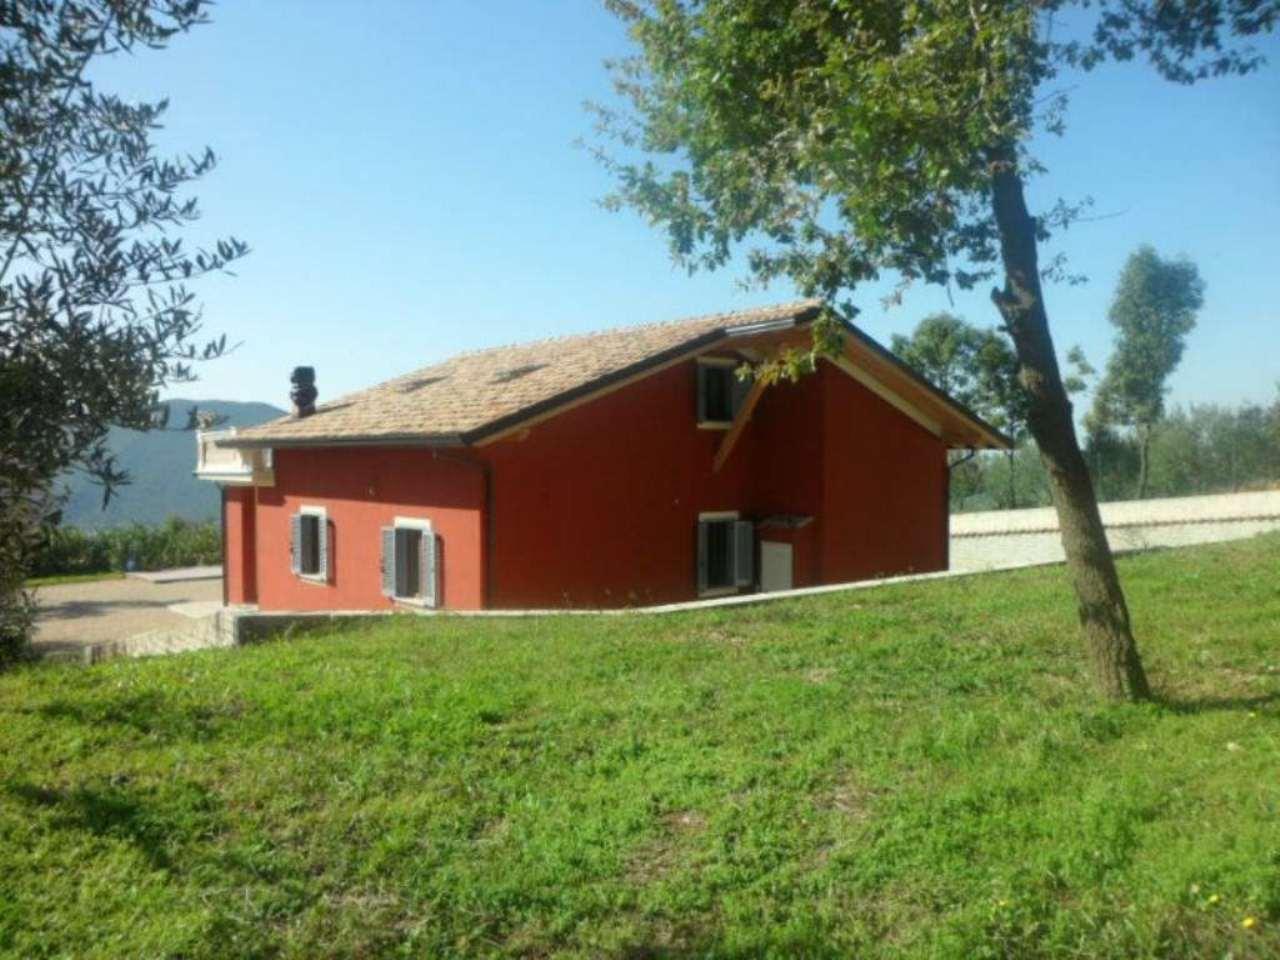 Villa in vendita a Fiuggi, 6 locali, prezzo € 207.000 | CambioCasa.it